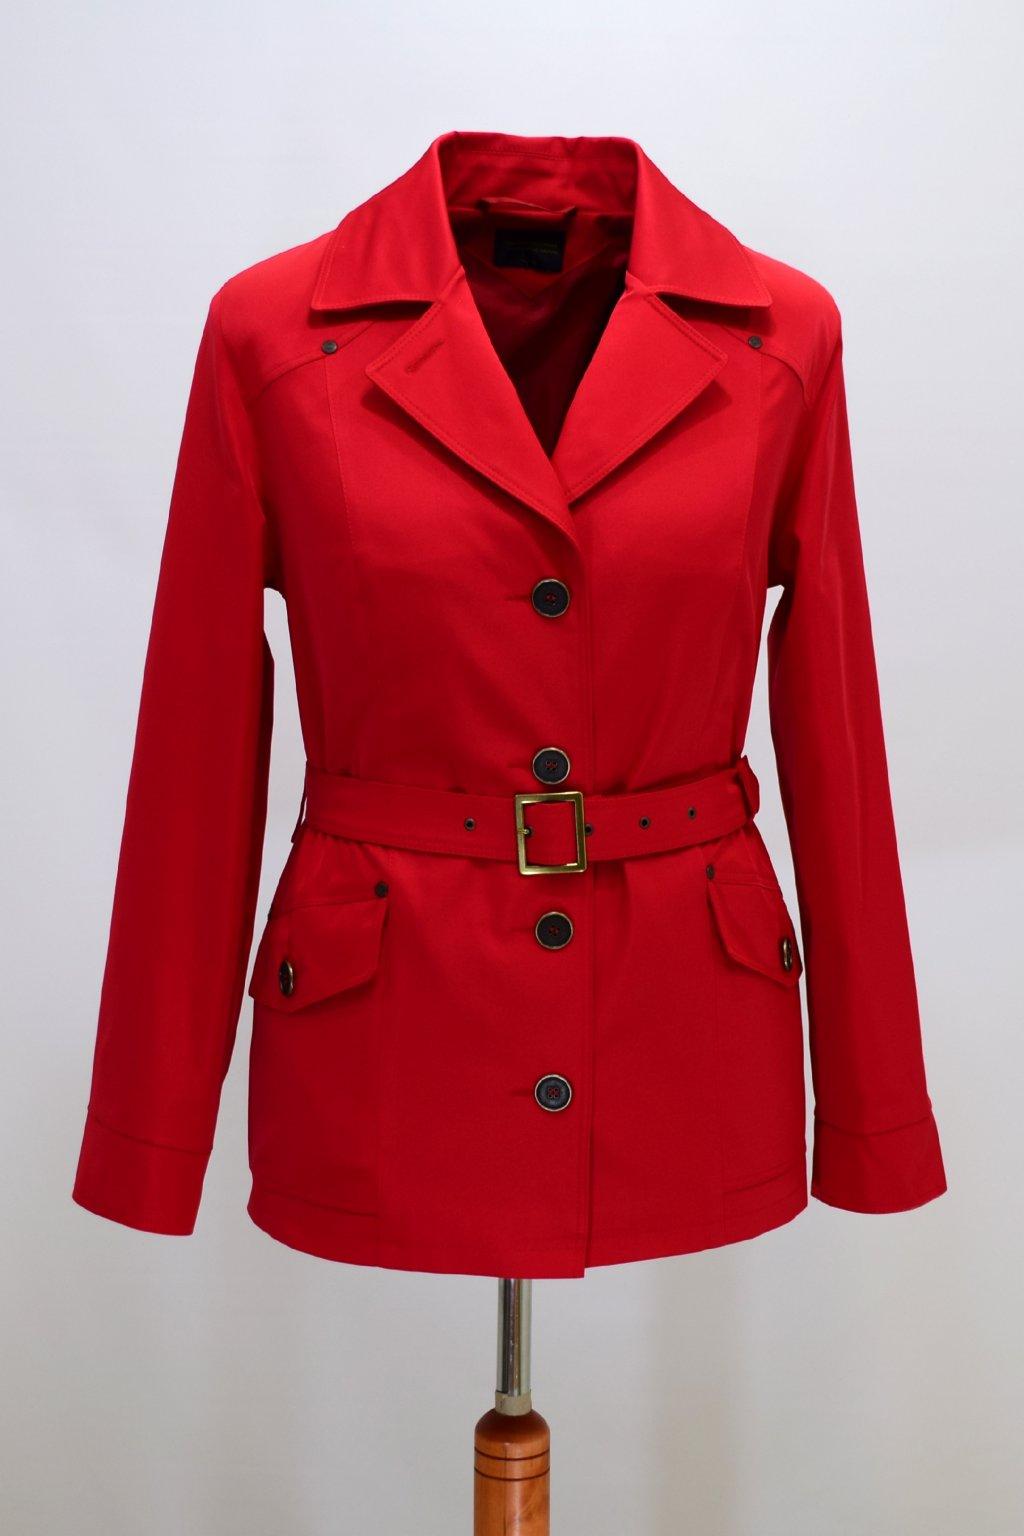 Dámský červená jarní kabátek Gábina nadměrné velikosti.